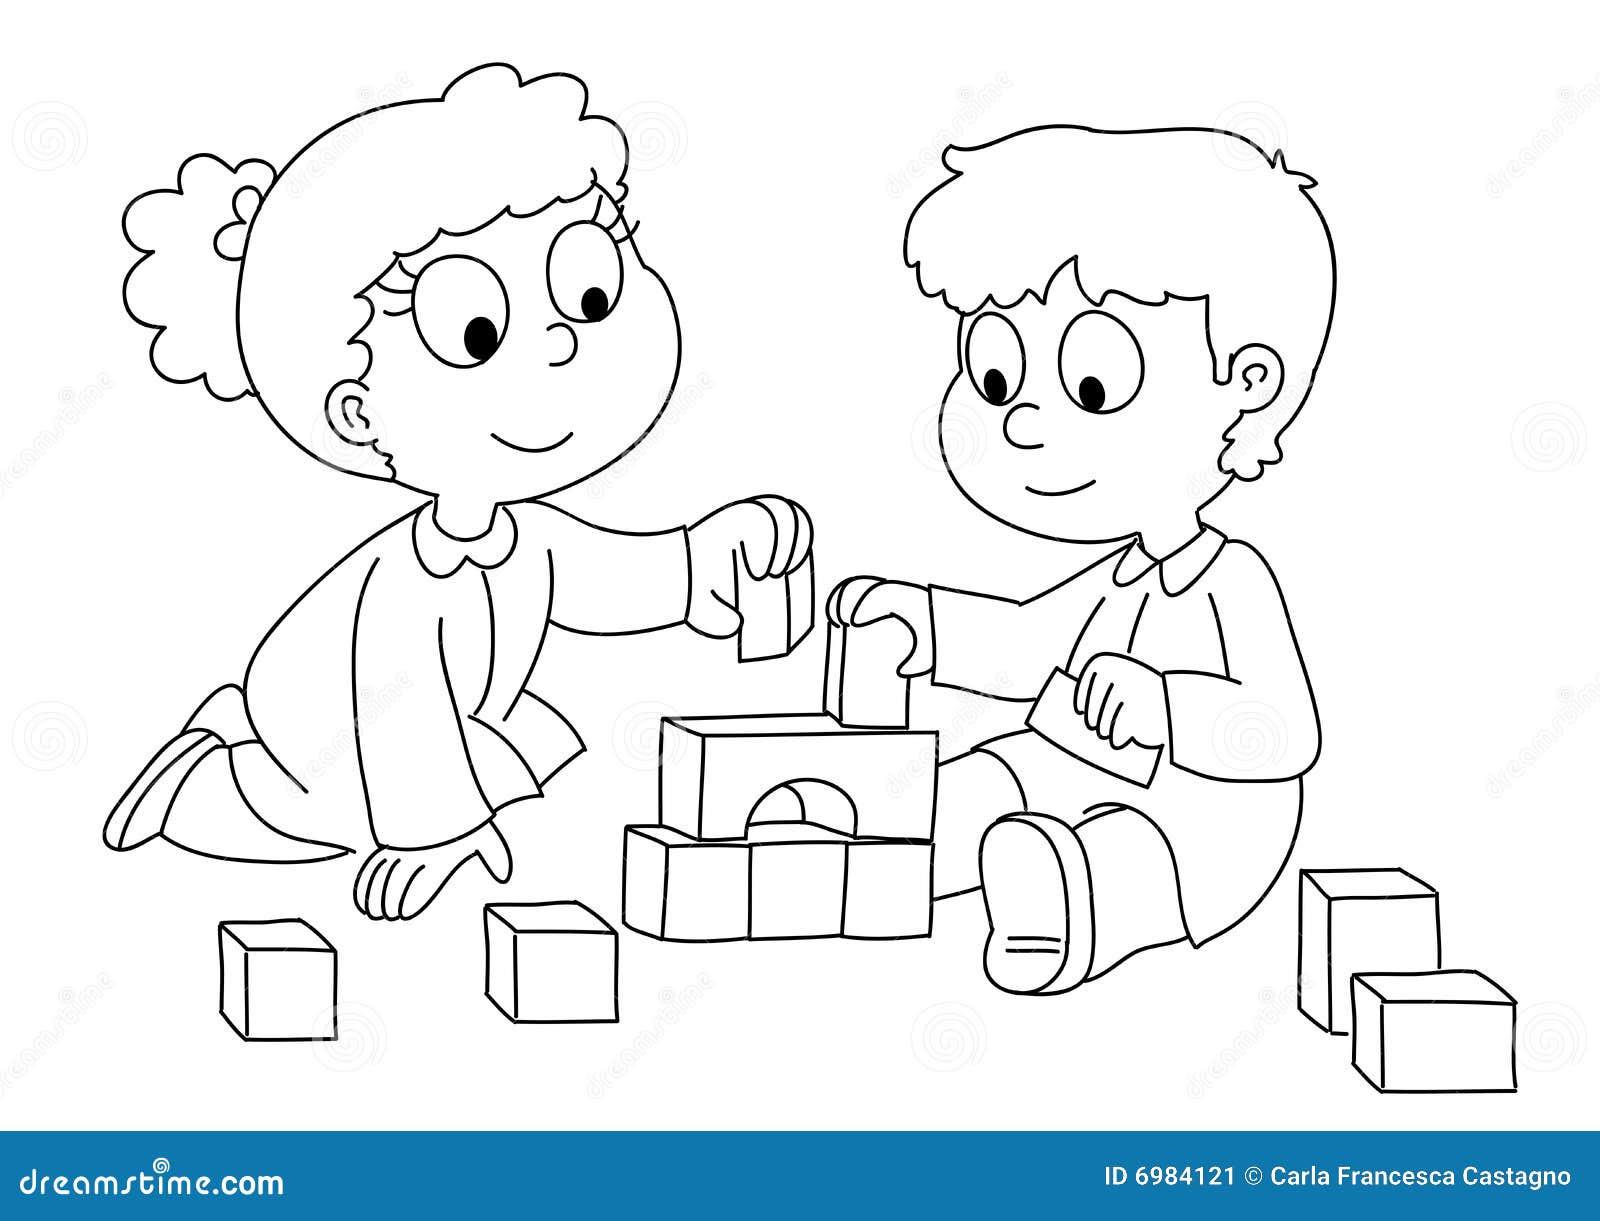 Disegno Da Colorare Bambini Che Giocano.Disegno Di Carletto Il Bambino Che Gioca Da Colorare